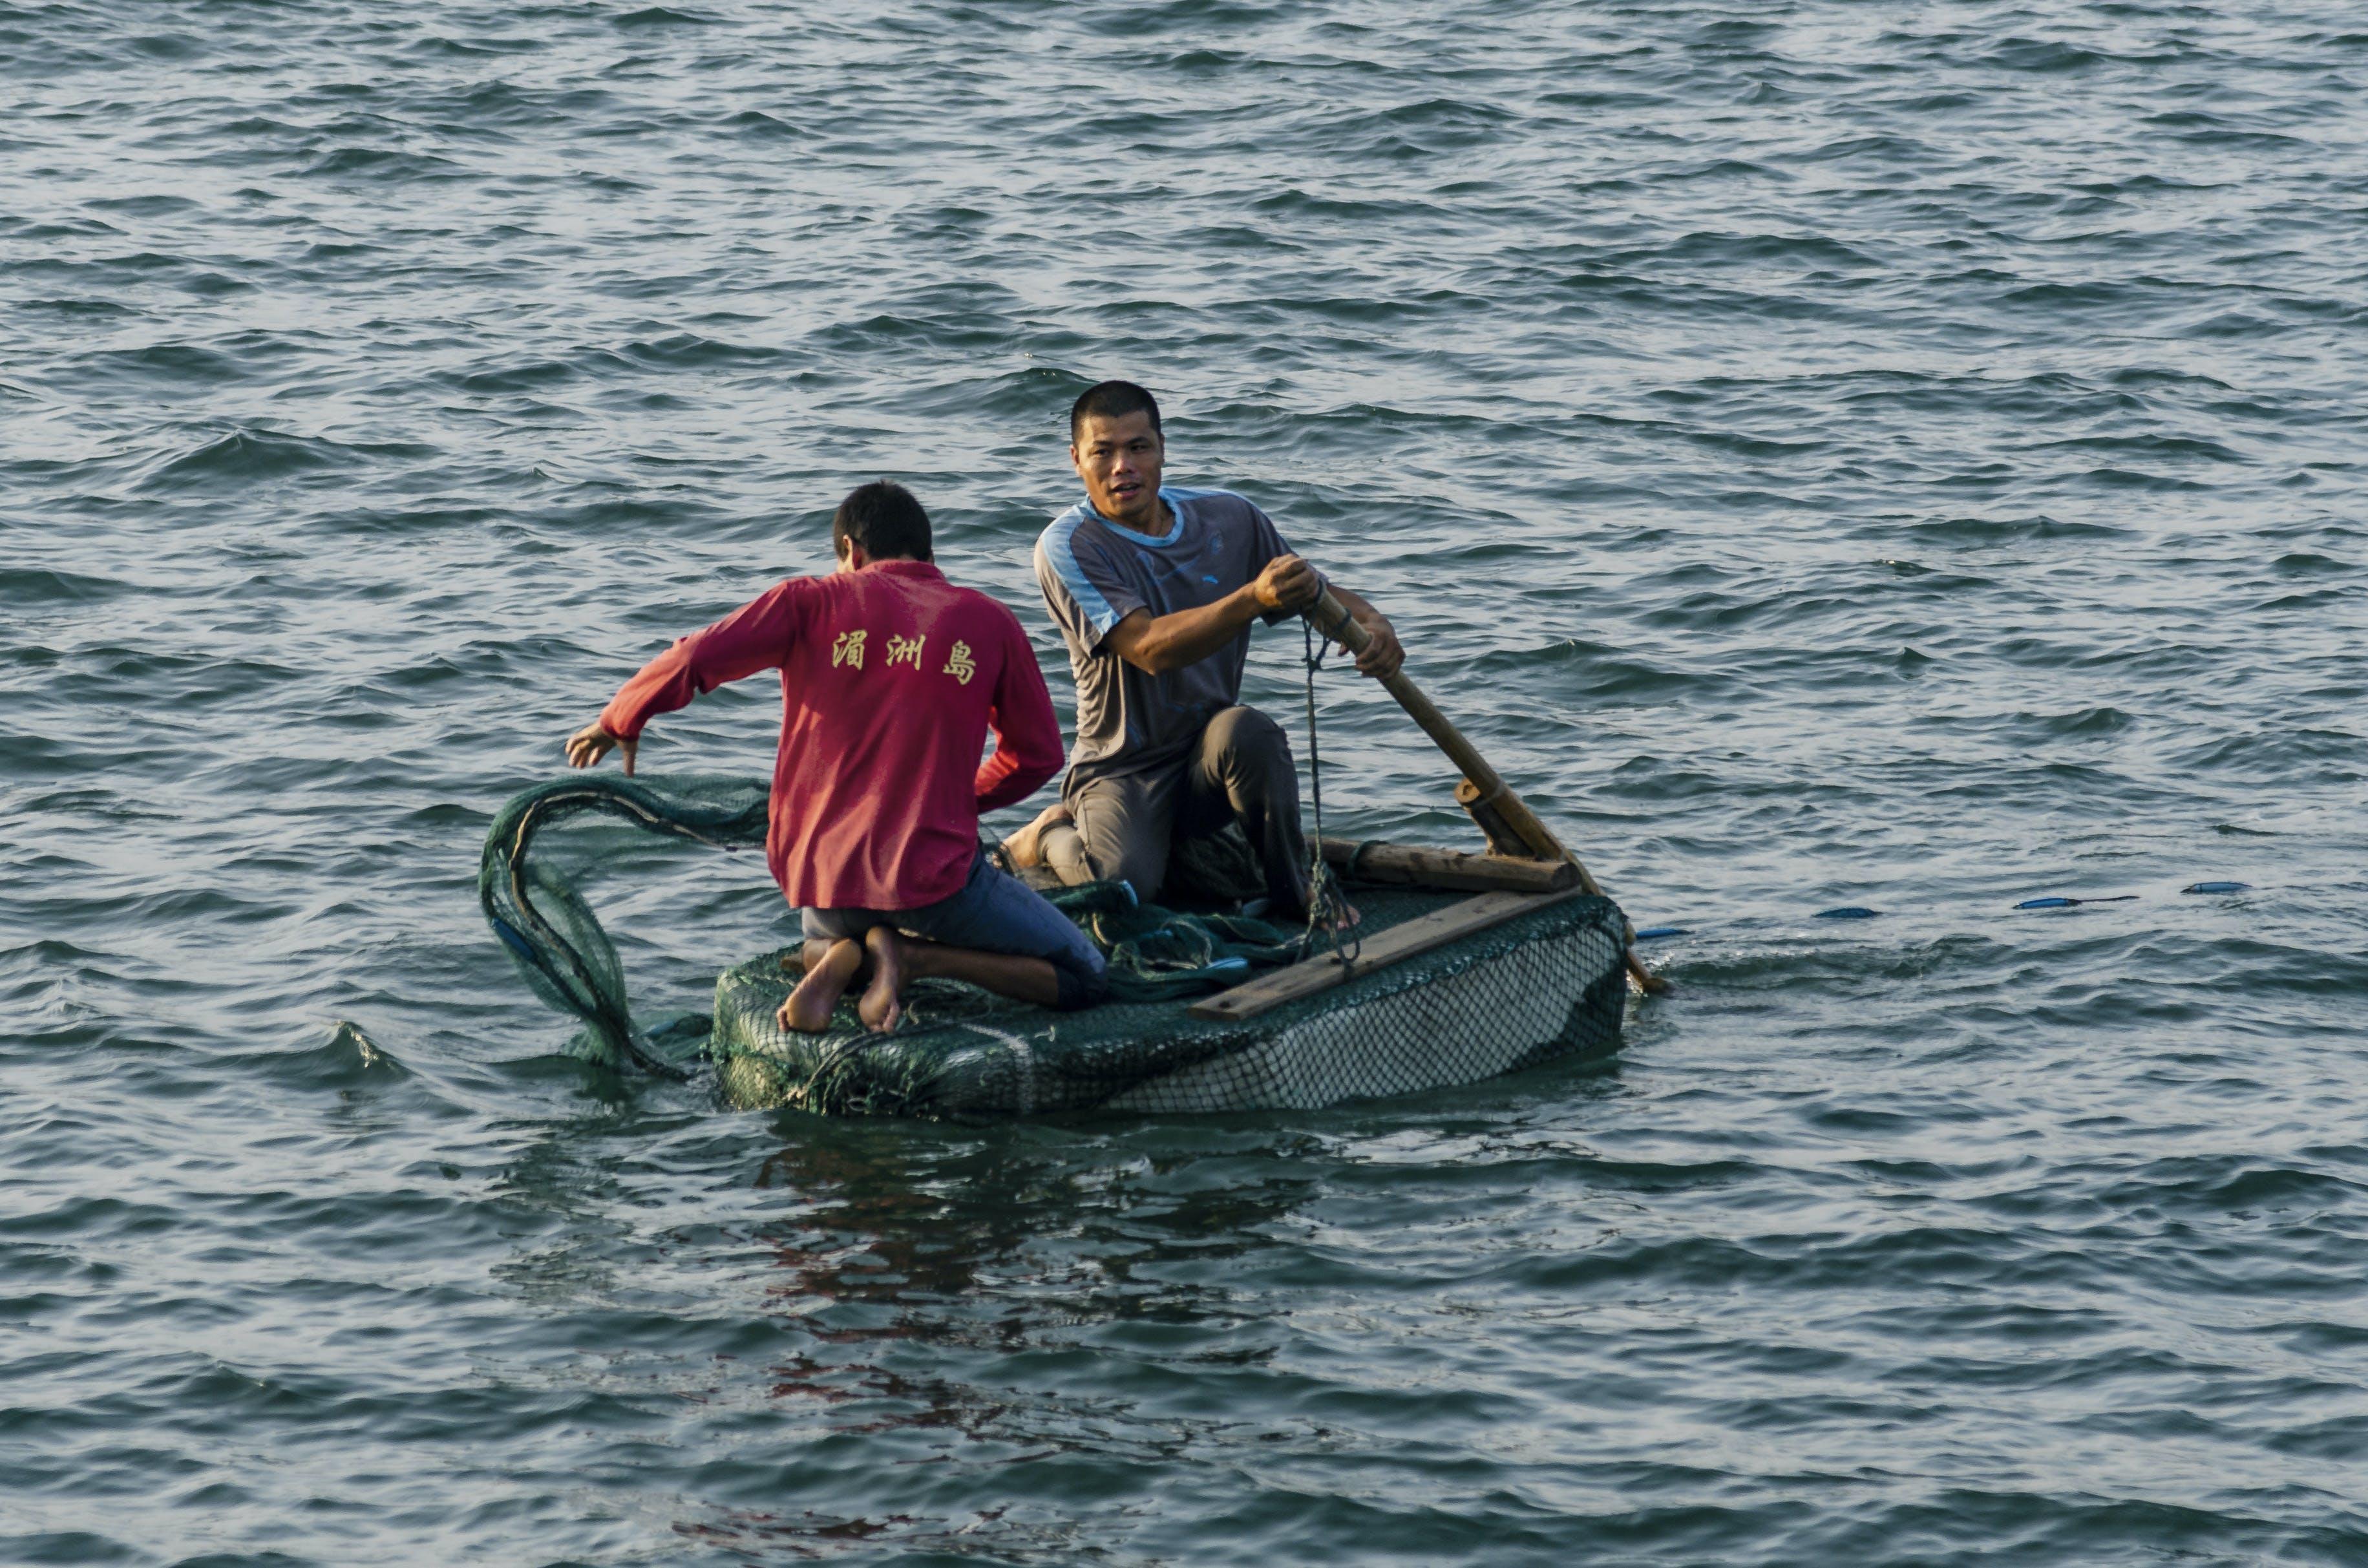 Gratis lagerfoto af båd, bølger, fiskekutter, fiskenet